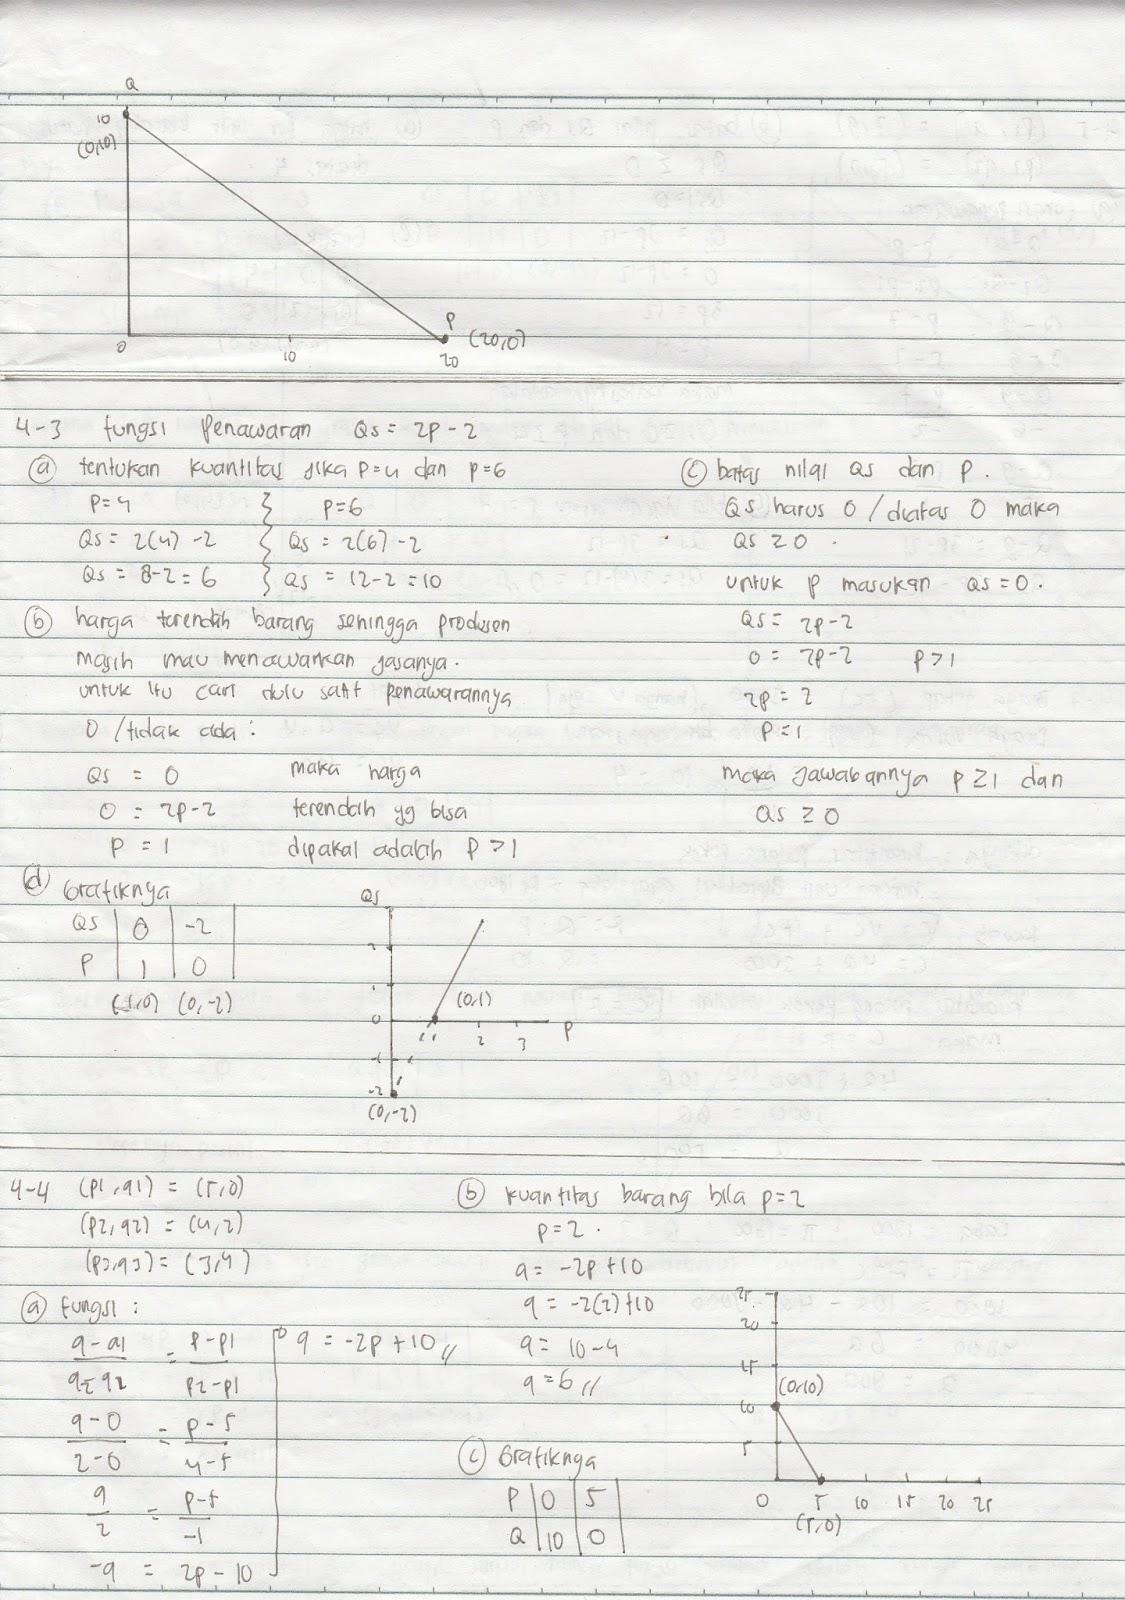 Kunci Jawaban Buku Statistika Nata Wirawan Edisi Keempat Bab 8